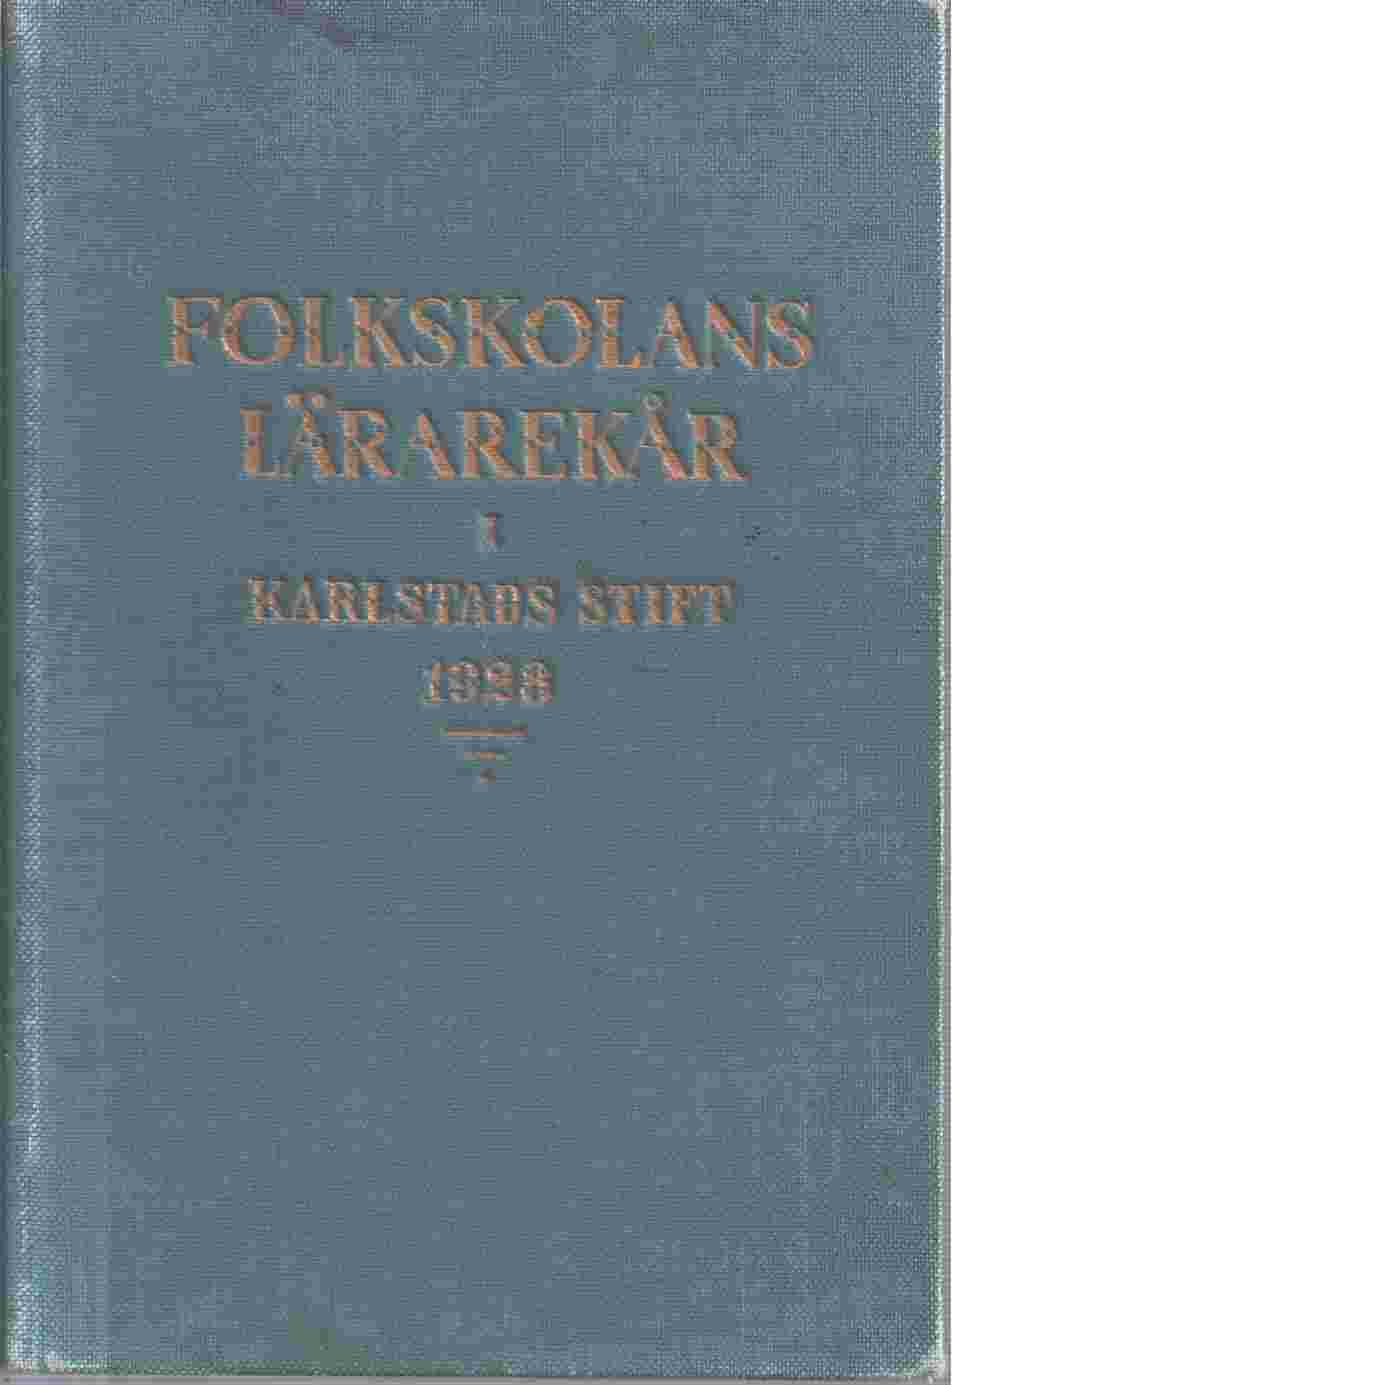 Folkskolans lärarekår i Karlstads stift 1928. - Skånetryckeriet, 1928